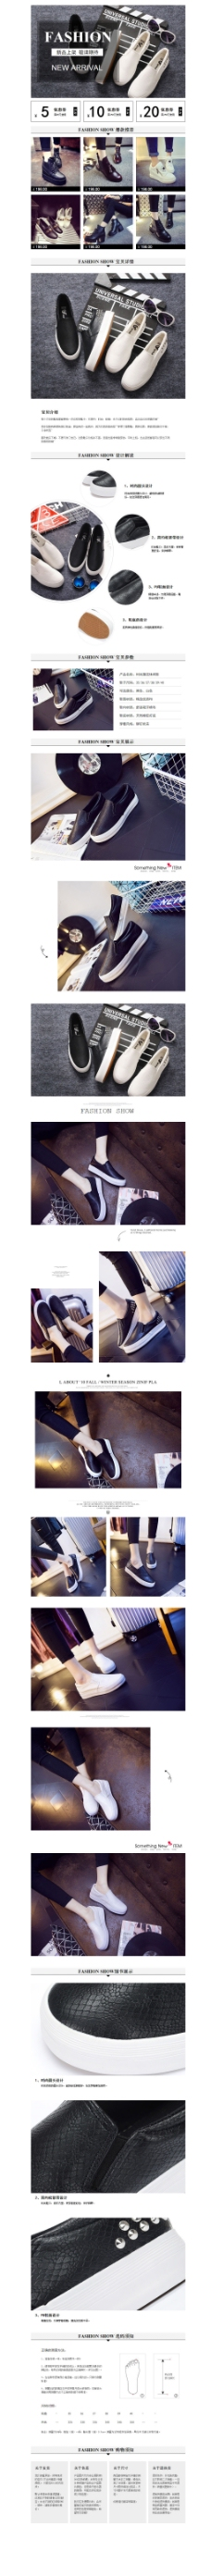 鞋子靴子欧美范简约psd素材